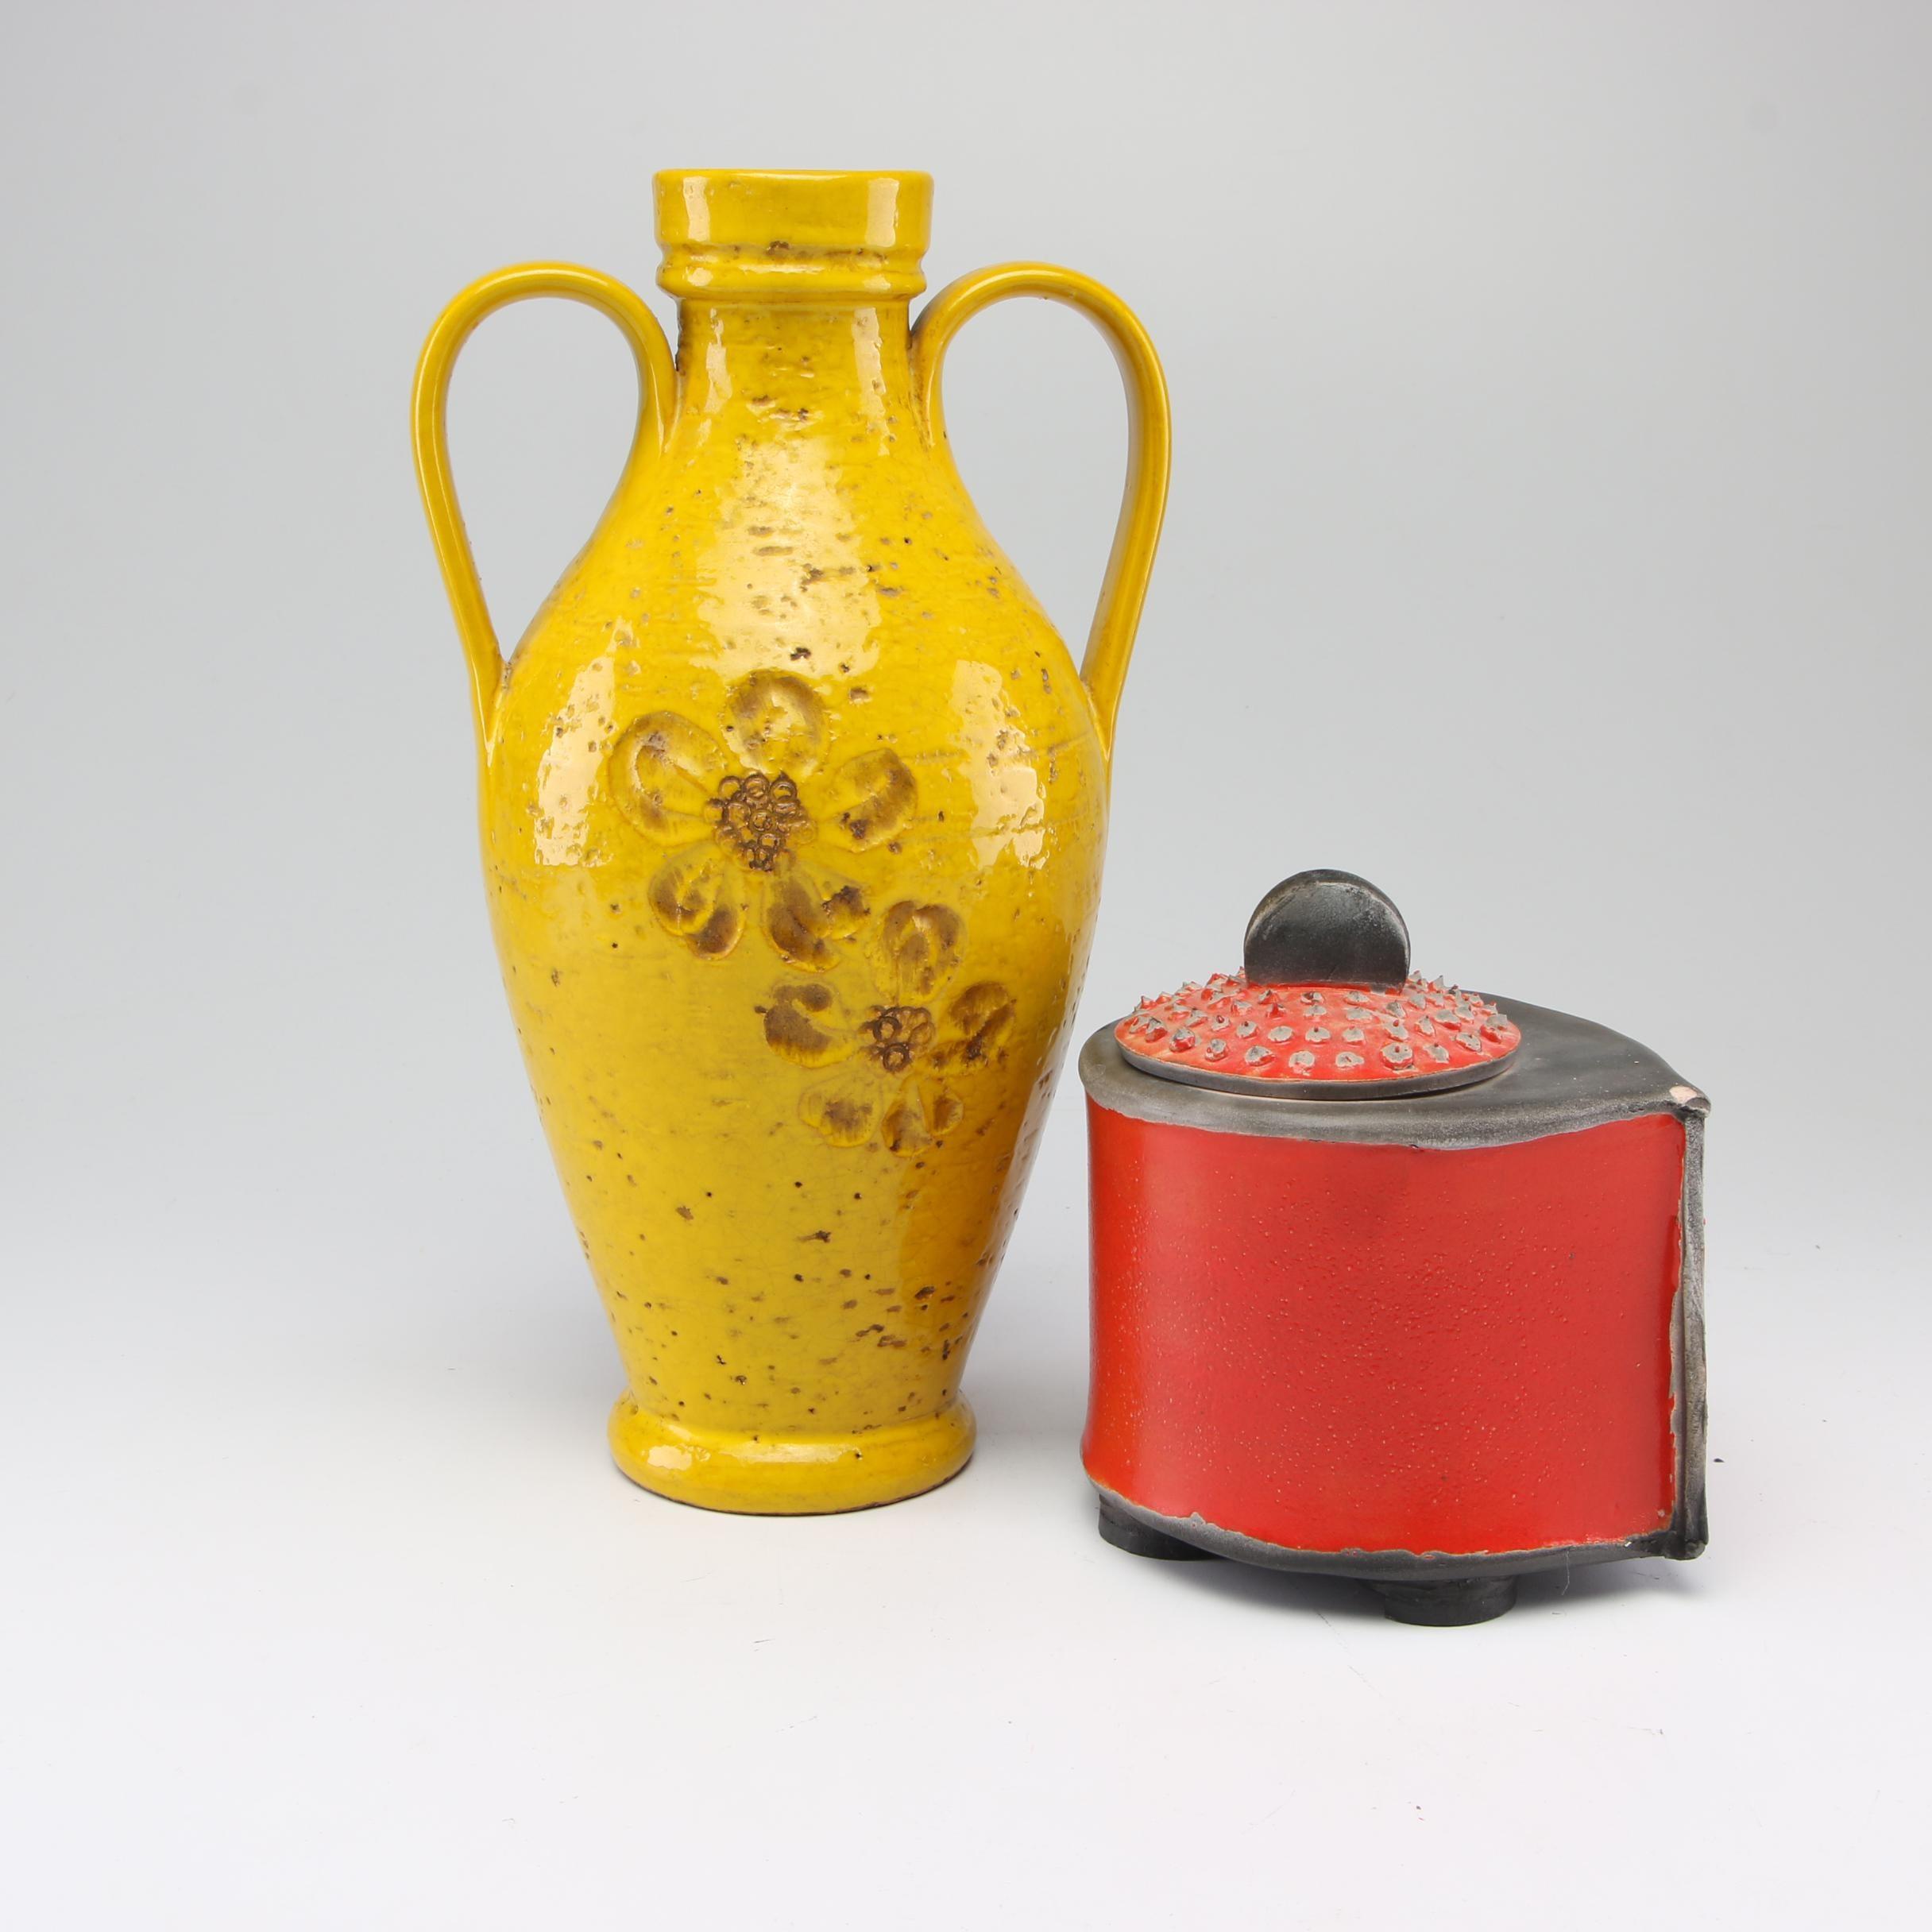 Italian Rosenthal Netter Vase with Handbuilt Stoneware Lidded Box